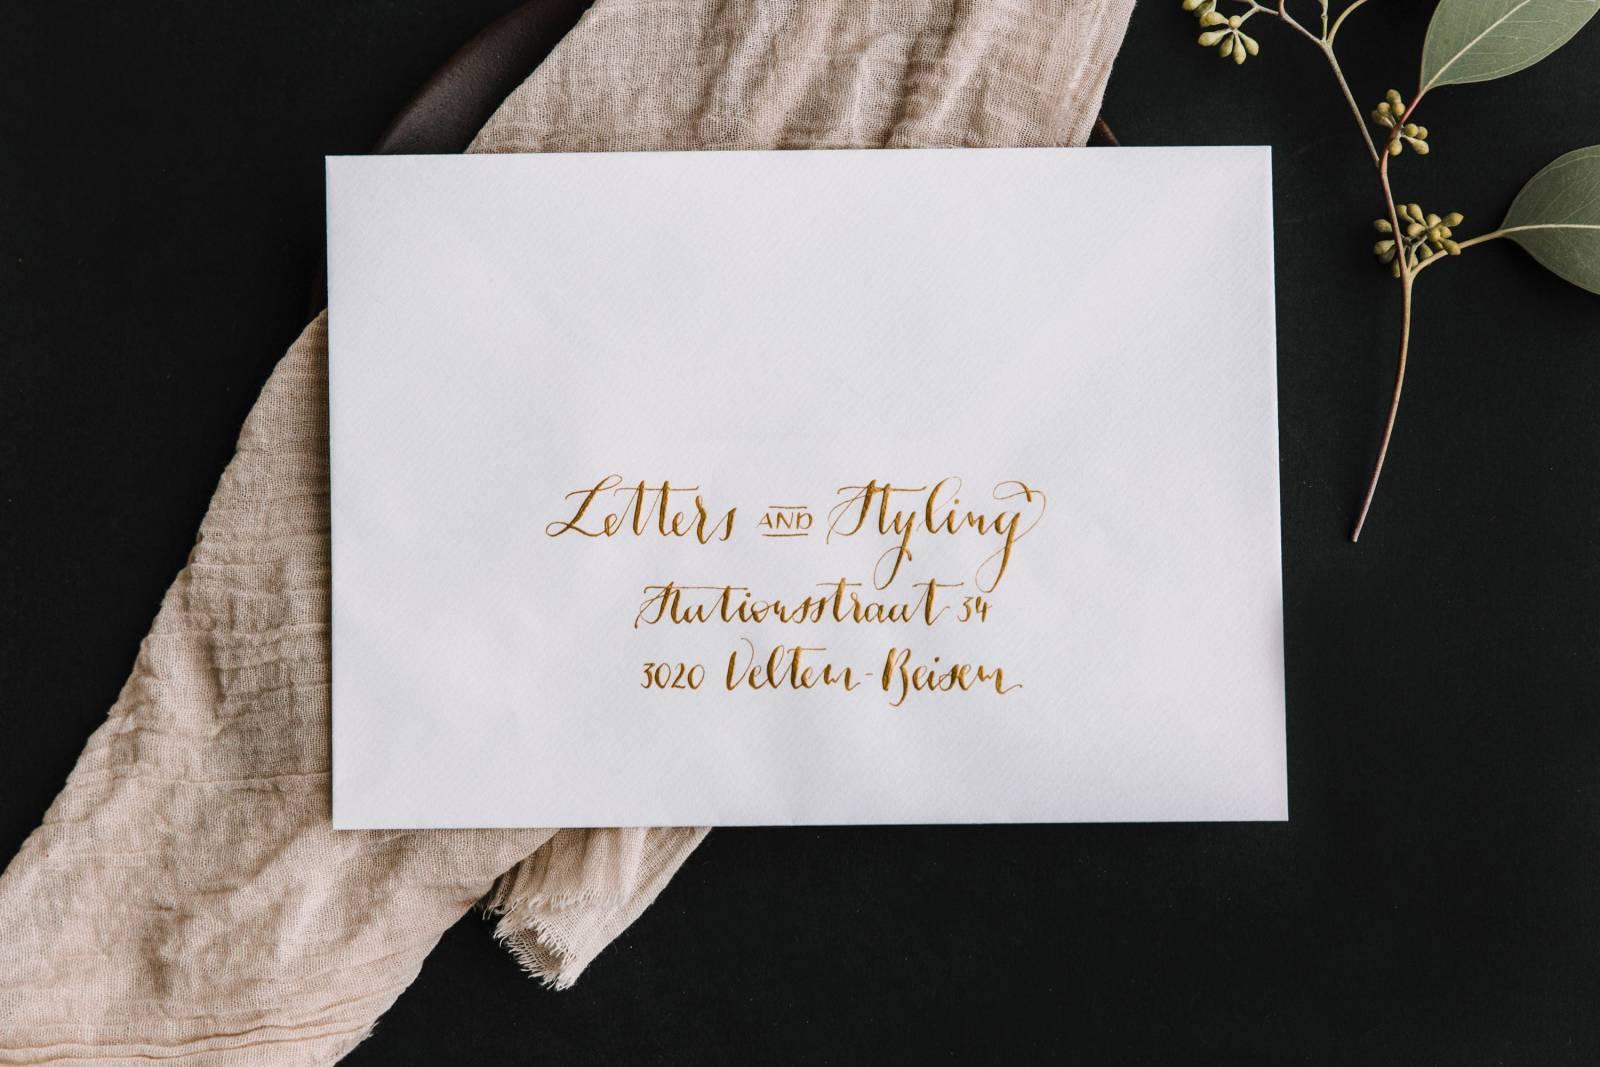 Letters & Styling - Grafisch Ontwerp - Trouwuitnodiging - Uitnodiging huwelijk - trouwdecoratie - House of Weddings - 15